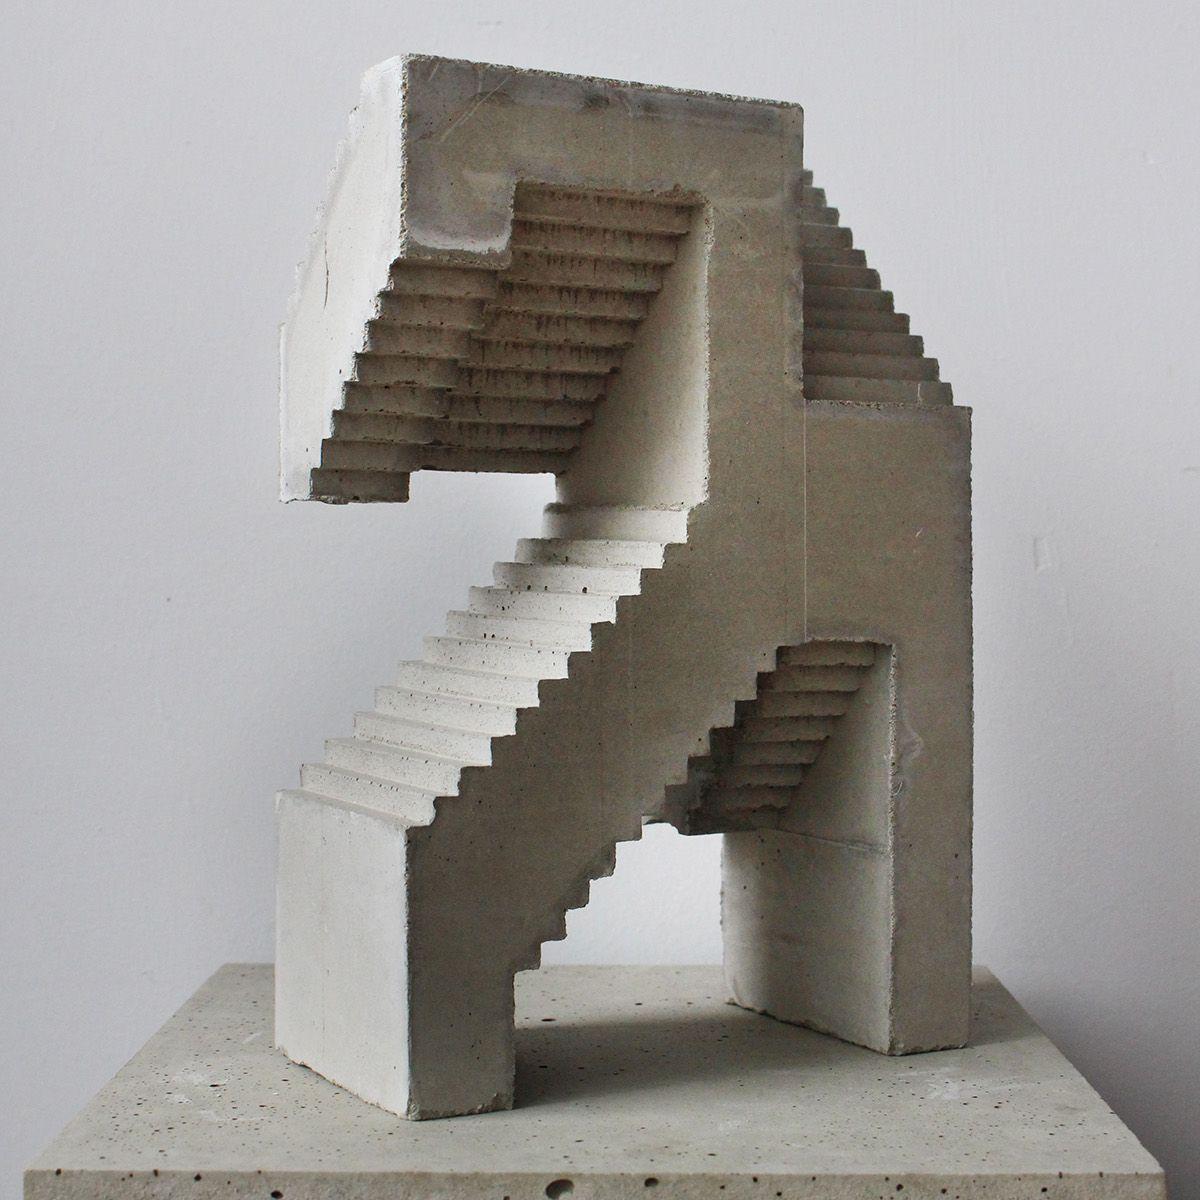 Vajarstvo-skulpture - Page 18 8389b7b9d41f86ac543258dfa880d05d